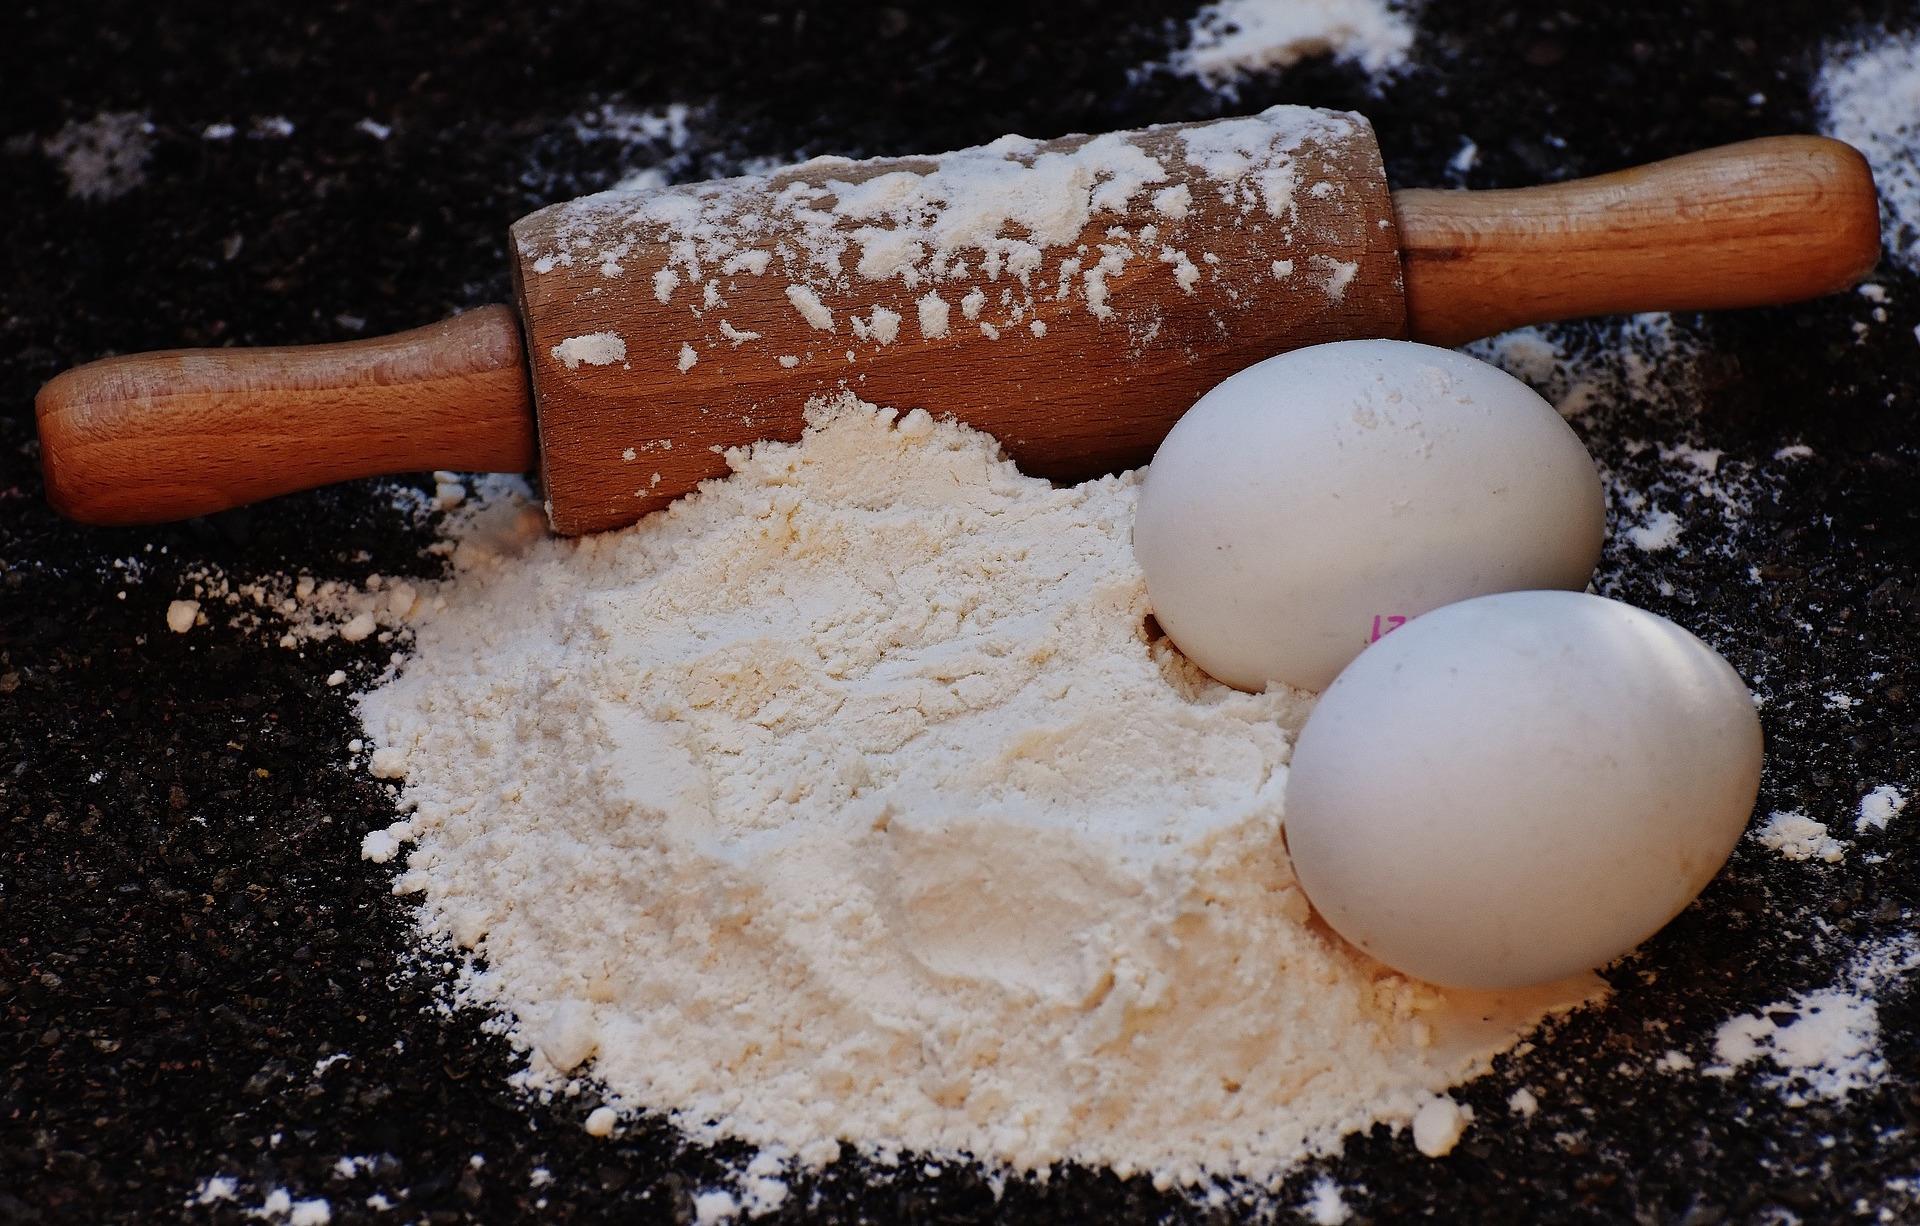 「高筋、中筋、低筋麵粉要怎麼使用?」教你正確的麵粉使用技巧,別再傻傻的搞混了!